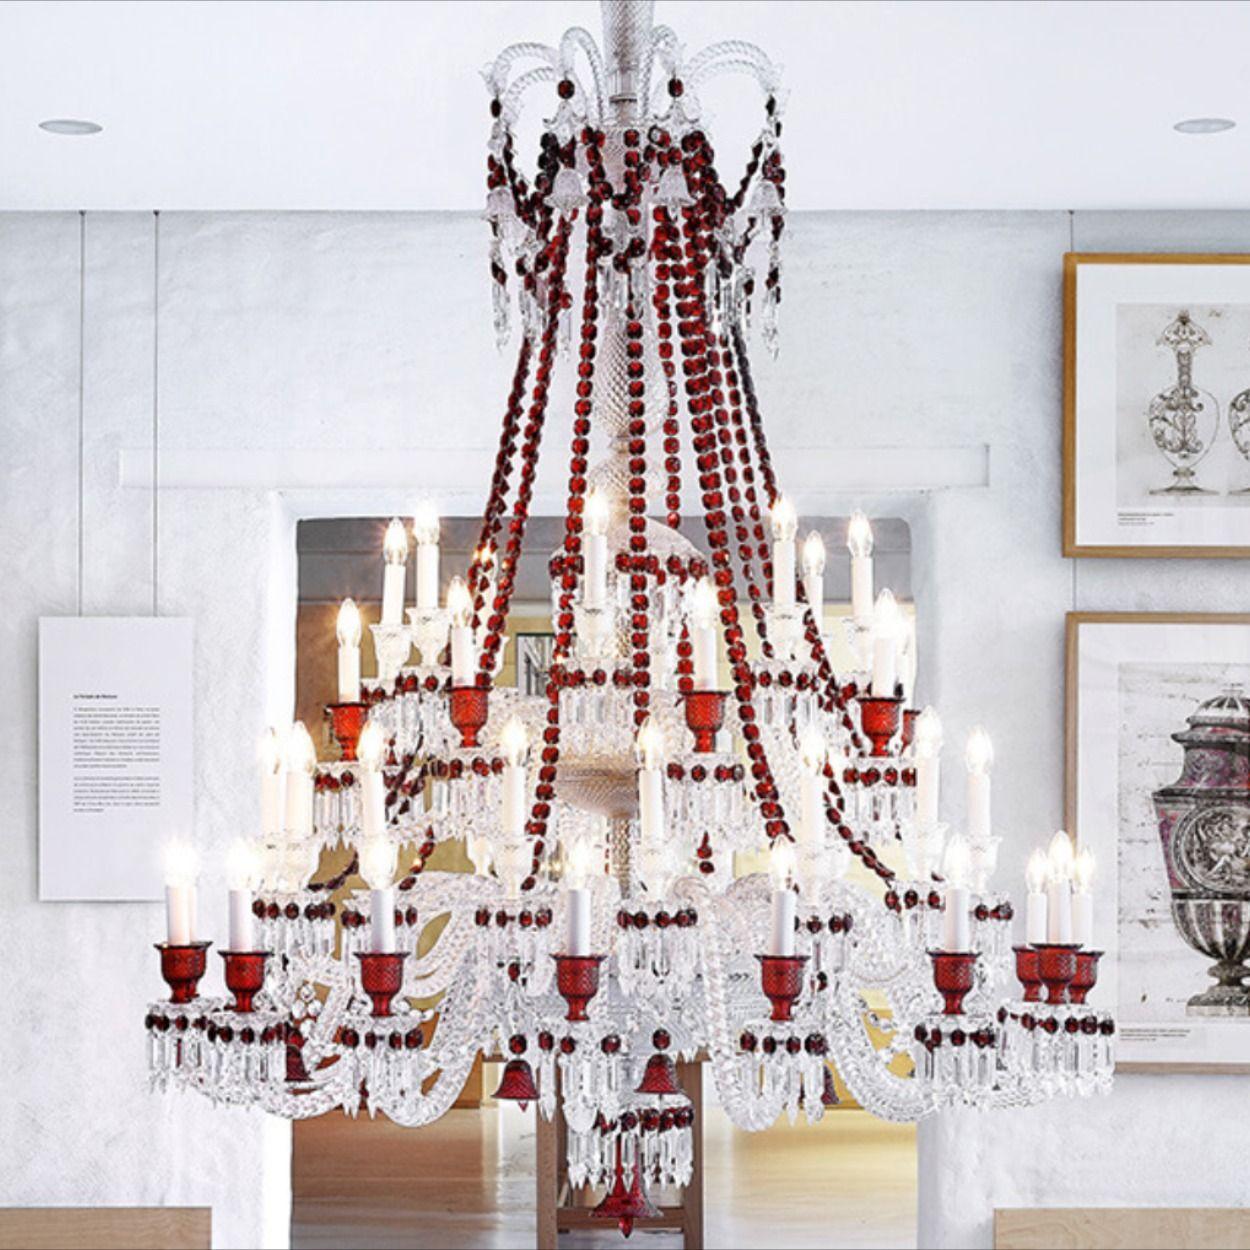 Museum In Baccarat In 2020 Modern Lighting Design Chandelier Beautiful Lighting